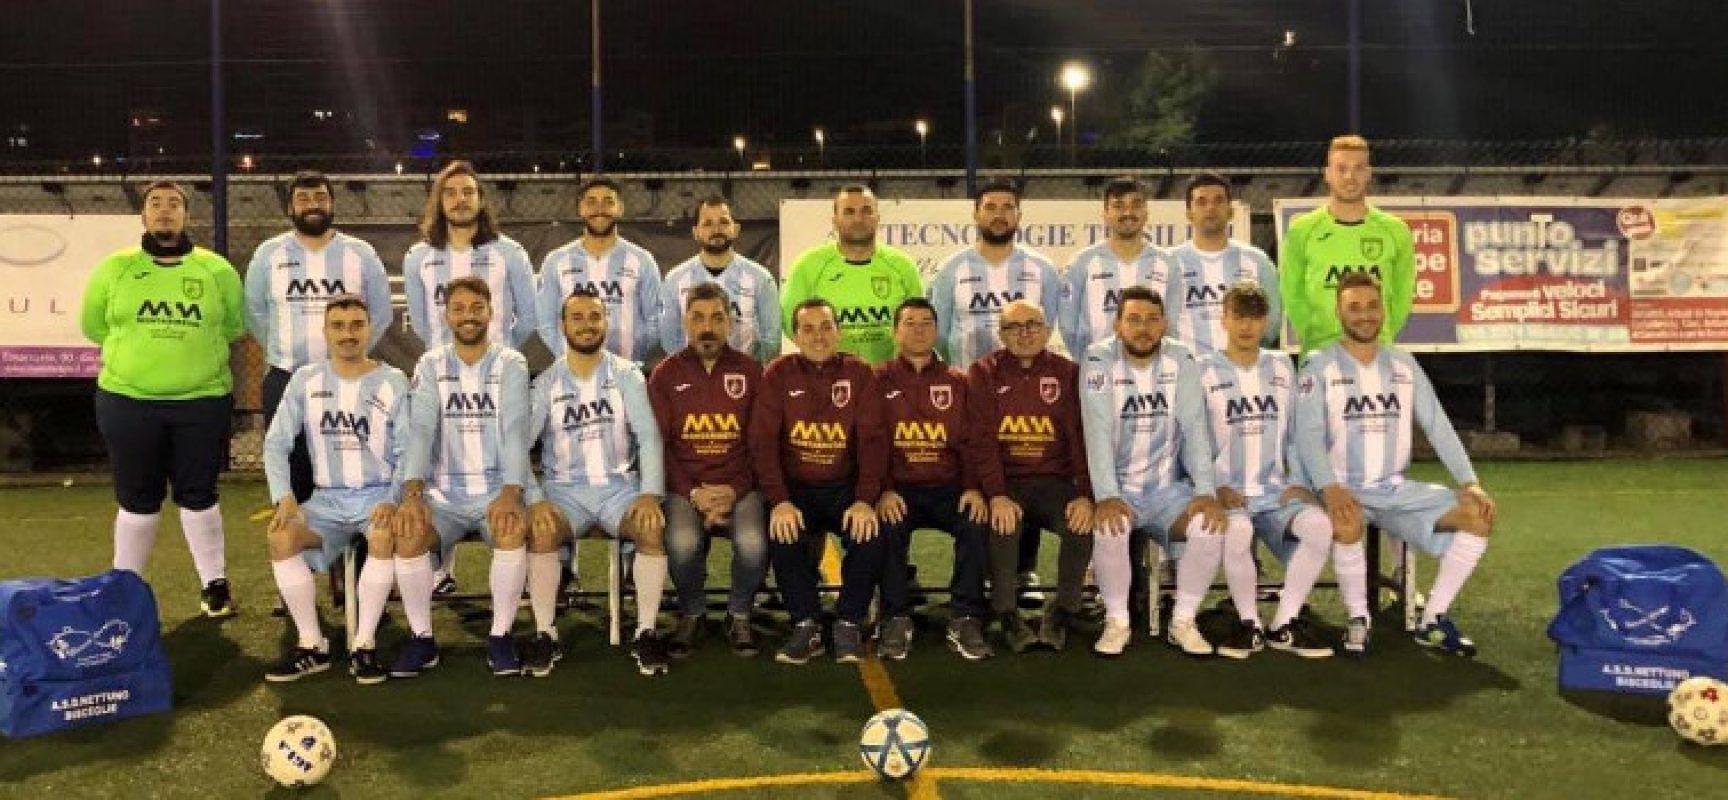 Calcio a 5, serie C2: Nettuno ospita il Nox Molfetta, riposa il Futbol Cinco